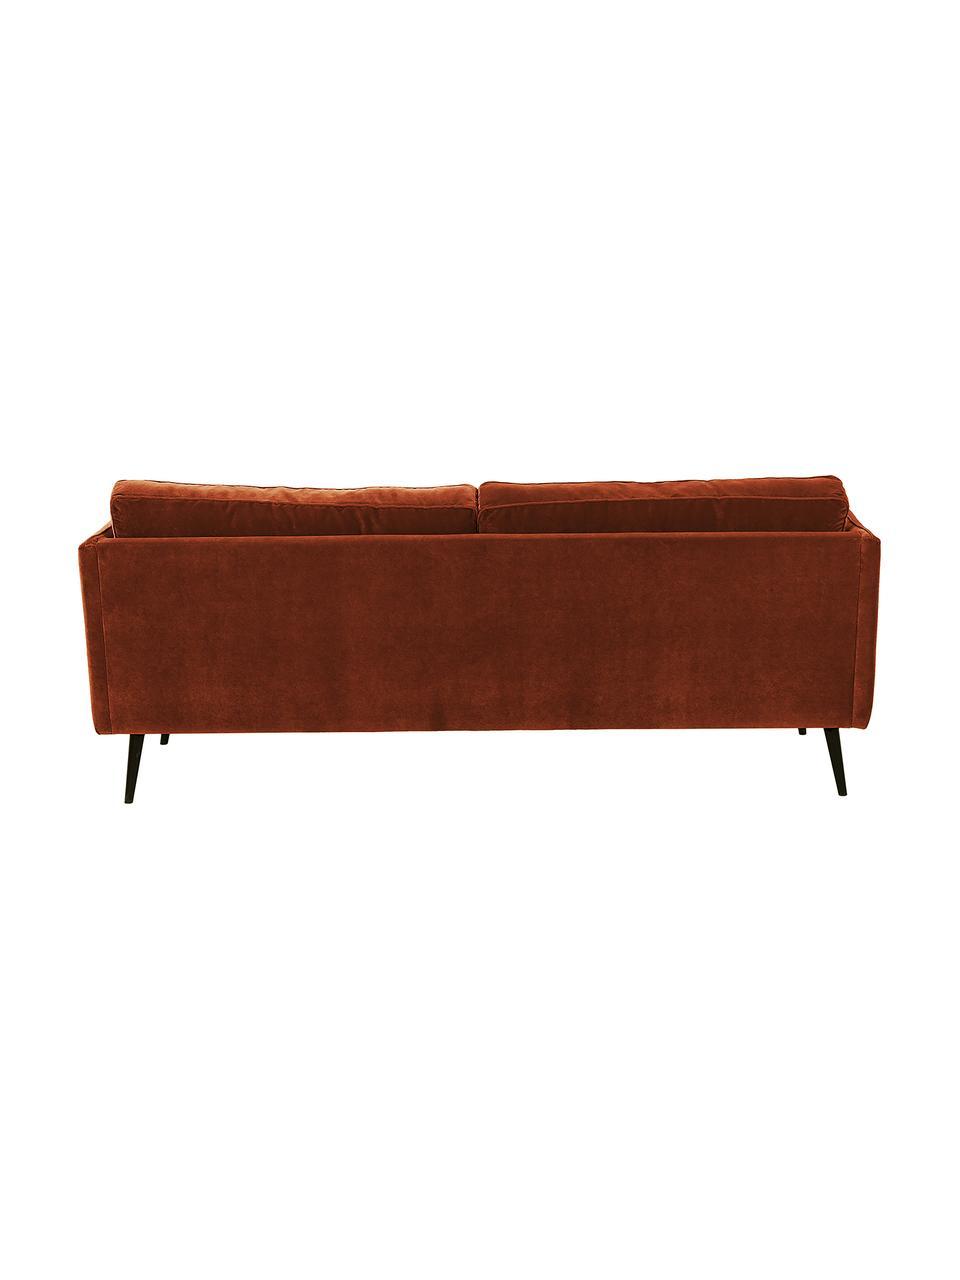 Fluwelen bank Paola (3-zits) in roodbruin met houten poten, Bekleding: fluweel (polyester), Frame: massief vurenhout, spaanp, Poten: gelakt vurenhout, Fluweel roodbruin, B 209 x D 95 cm